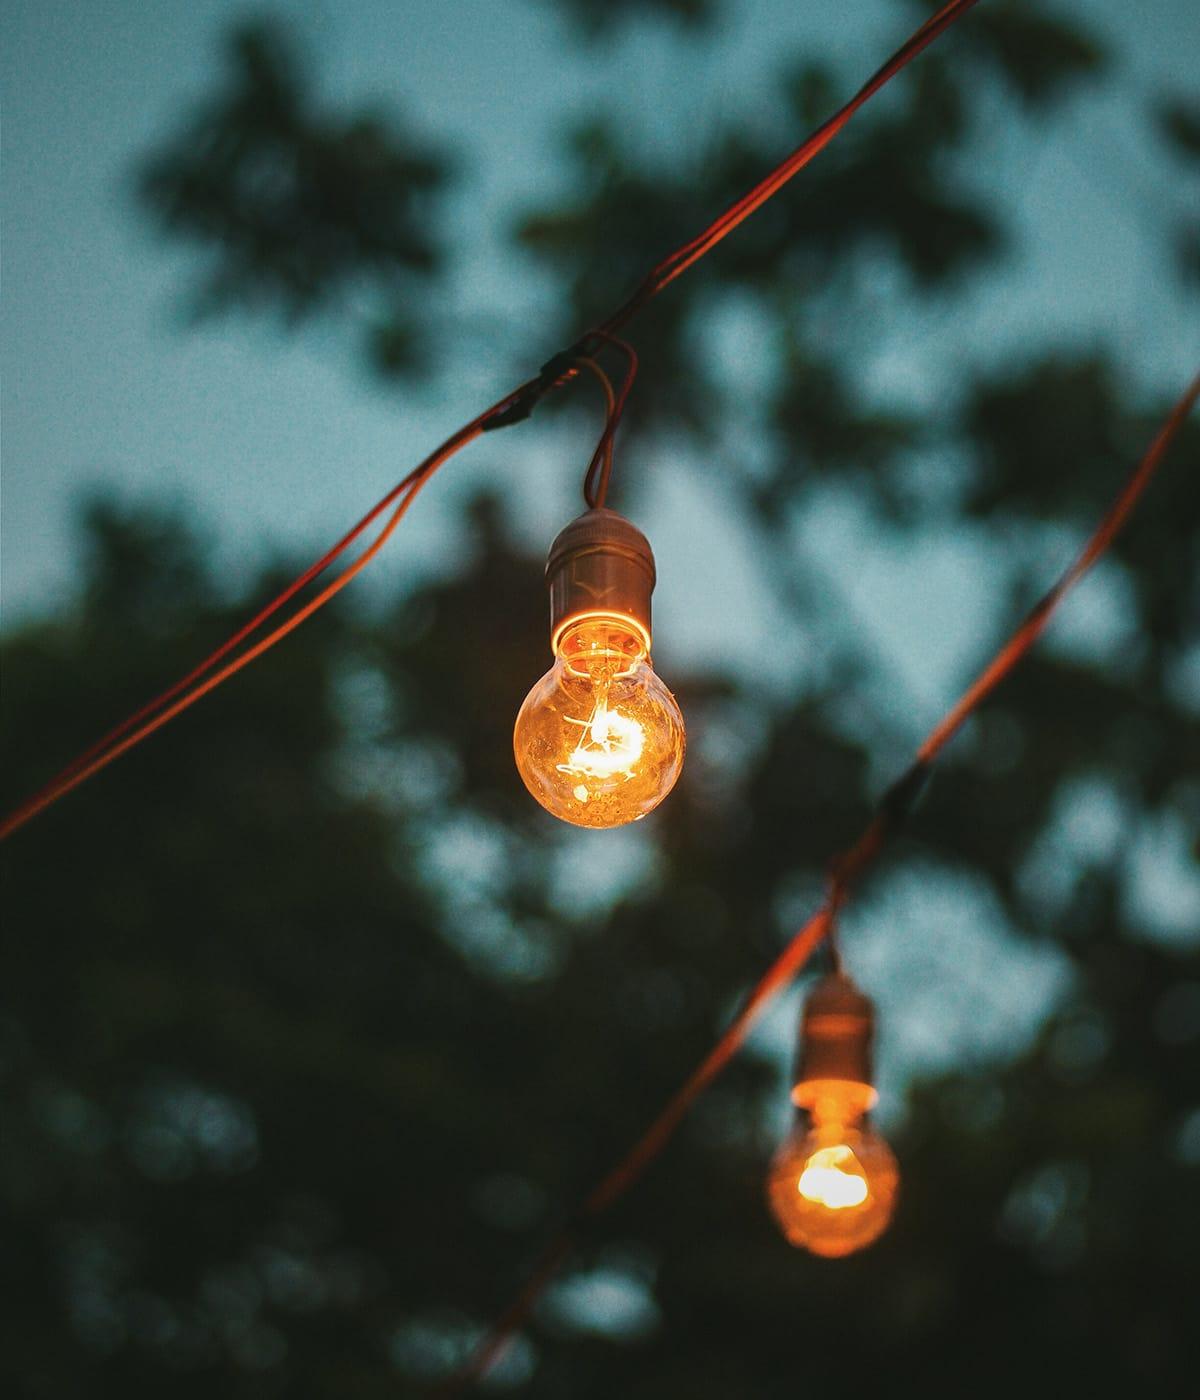 Keine Gartenparty ohne stimmungsvolle Lichterketten.